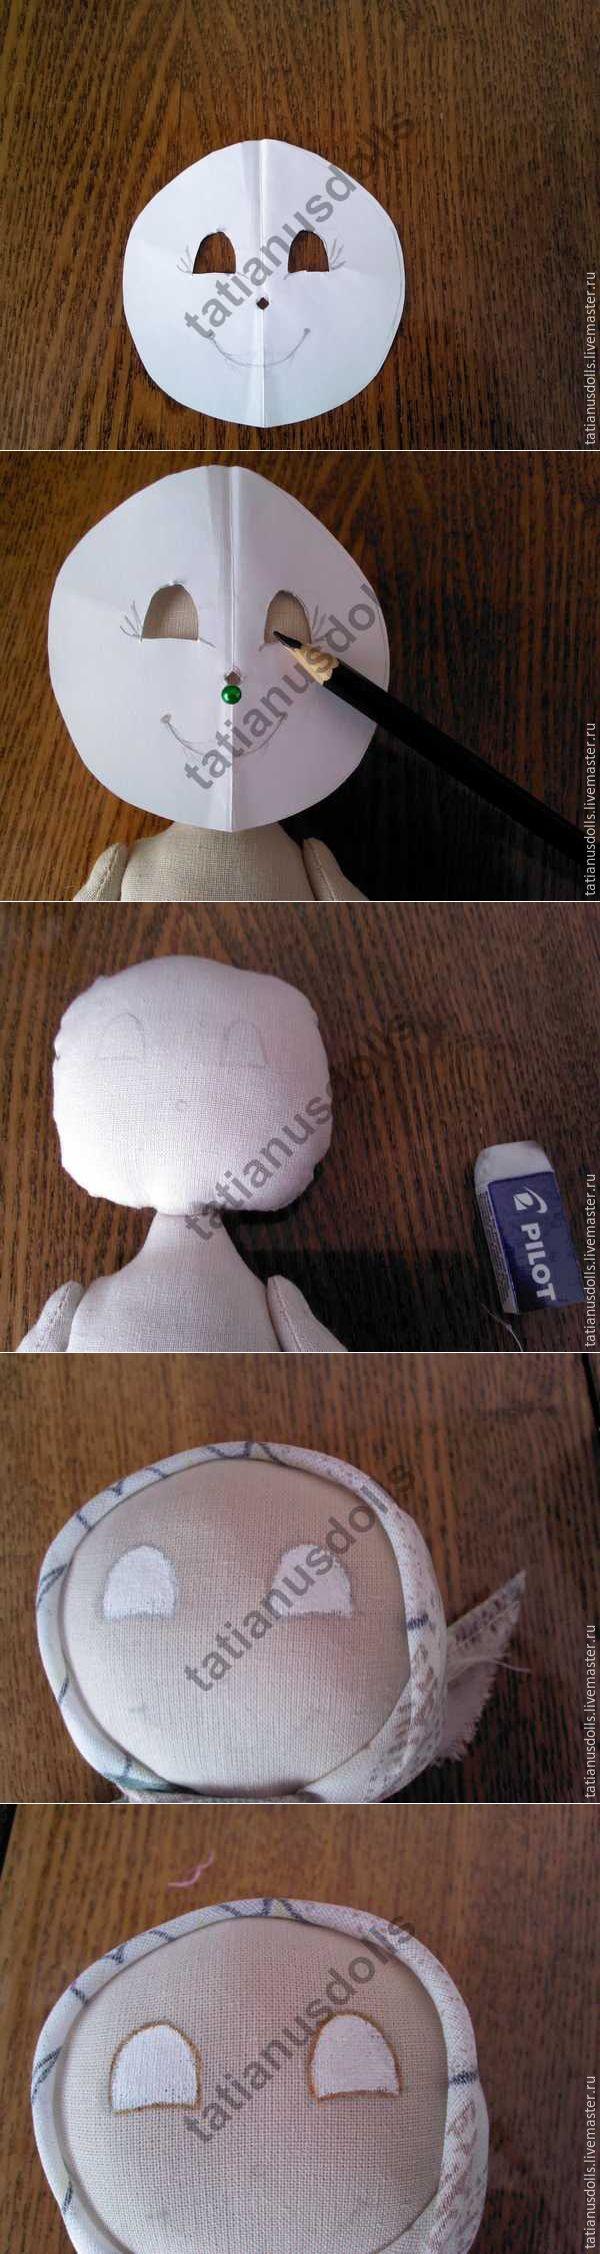 Шьем игровую текстильную куклу для детей от 1,5 лет. Часть 2 - Ярмарка Мастеров - ручная работа, handmade